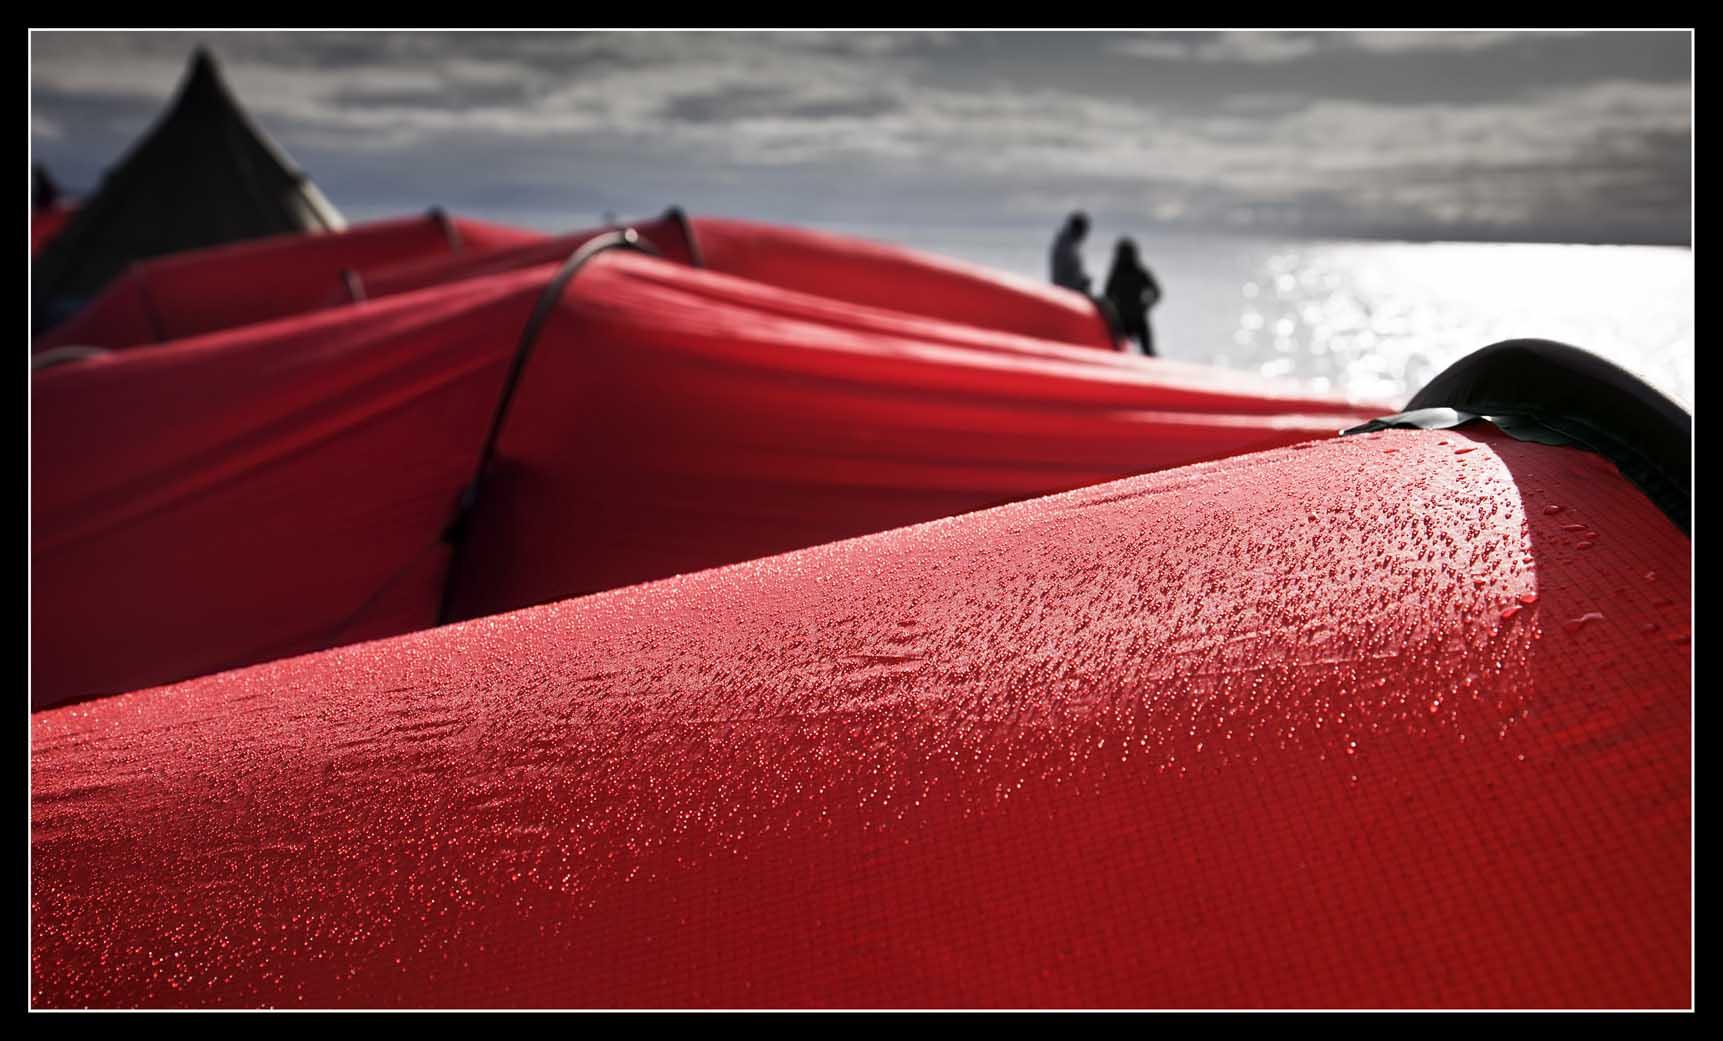 VIAJE: SVALBARD AGOSTO 2013 CATEGORIA: TU FOTAZA En un lugar tan remoto, donde la climatología se muestra a veces muy dura, las tiendas eran nuestro hogar. Esta foto significa mucho, la tranquilidad de tener un lugar donde cobijarse.